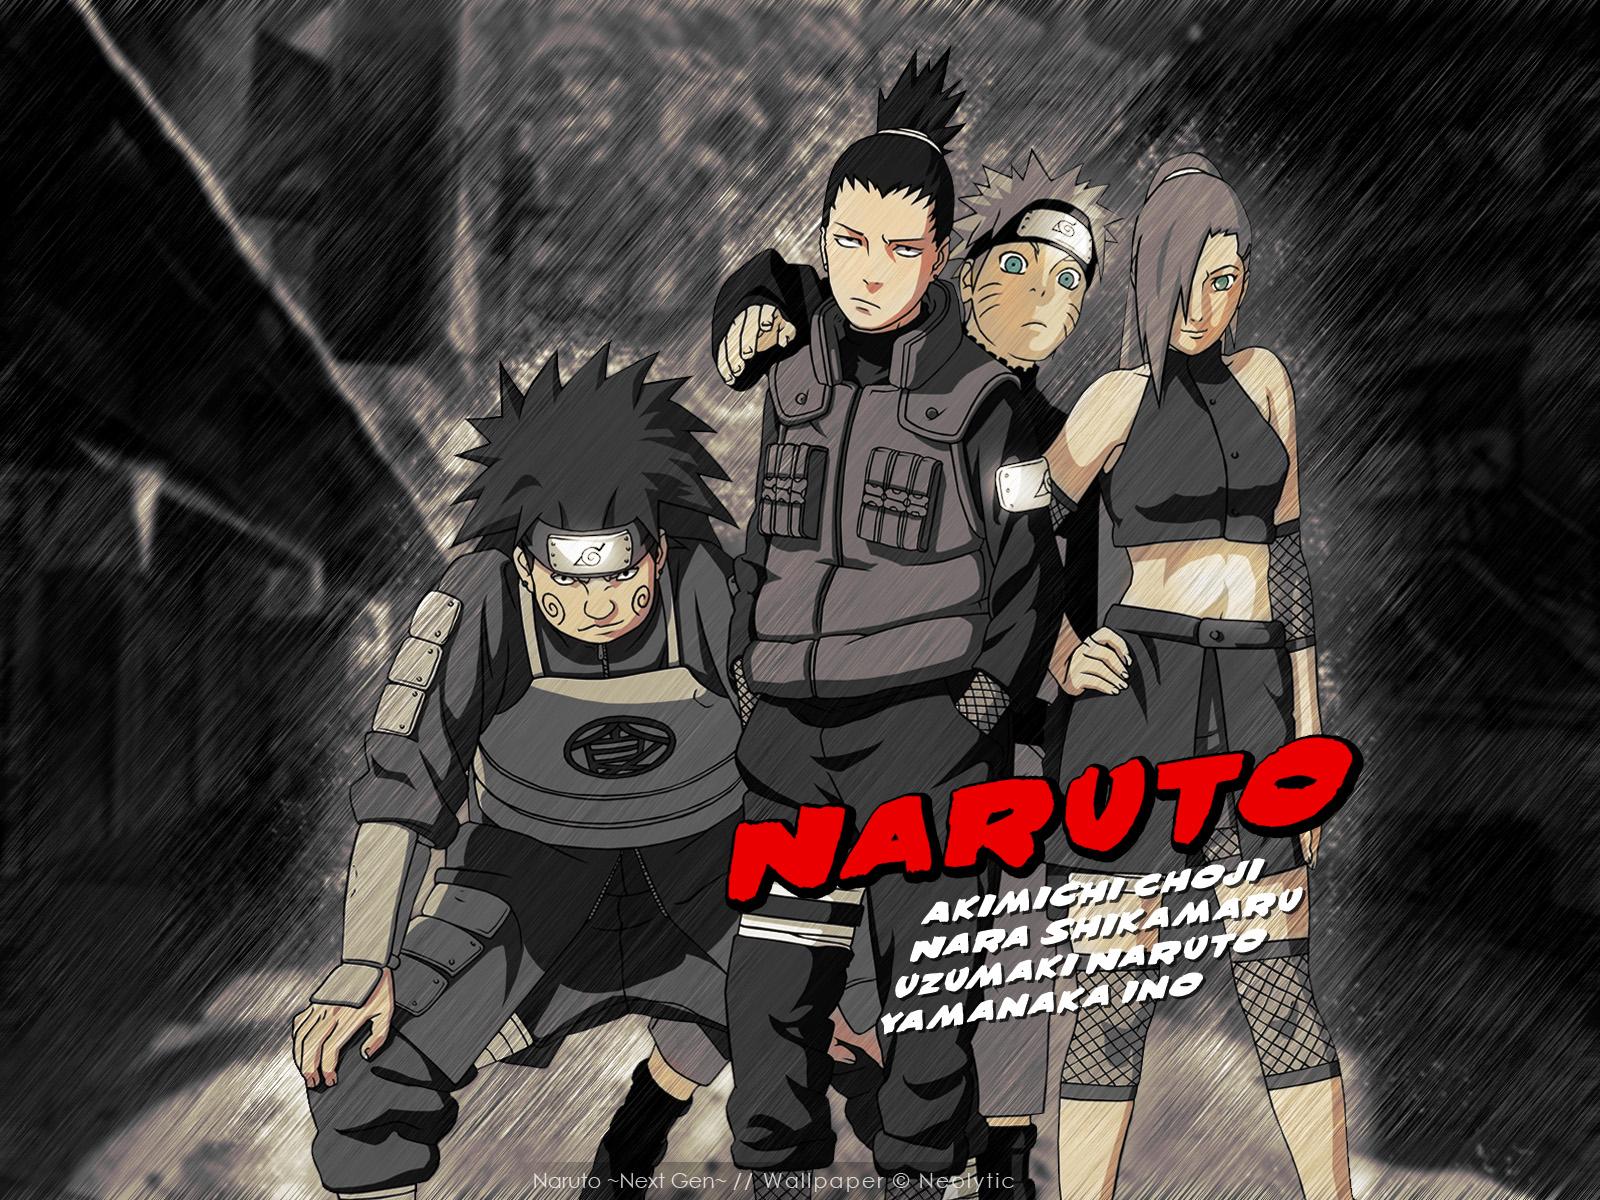 Papeis de Parede de Naruto Shippuden | J.PP